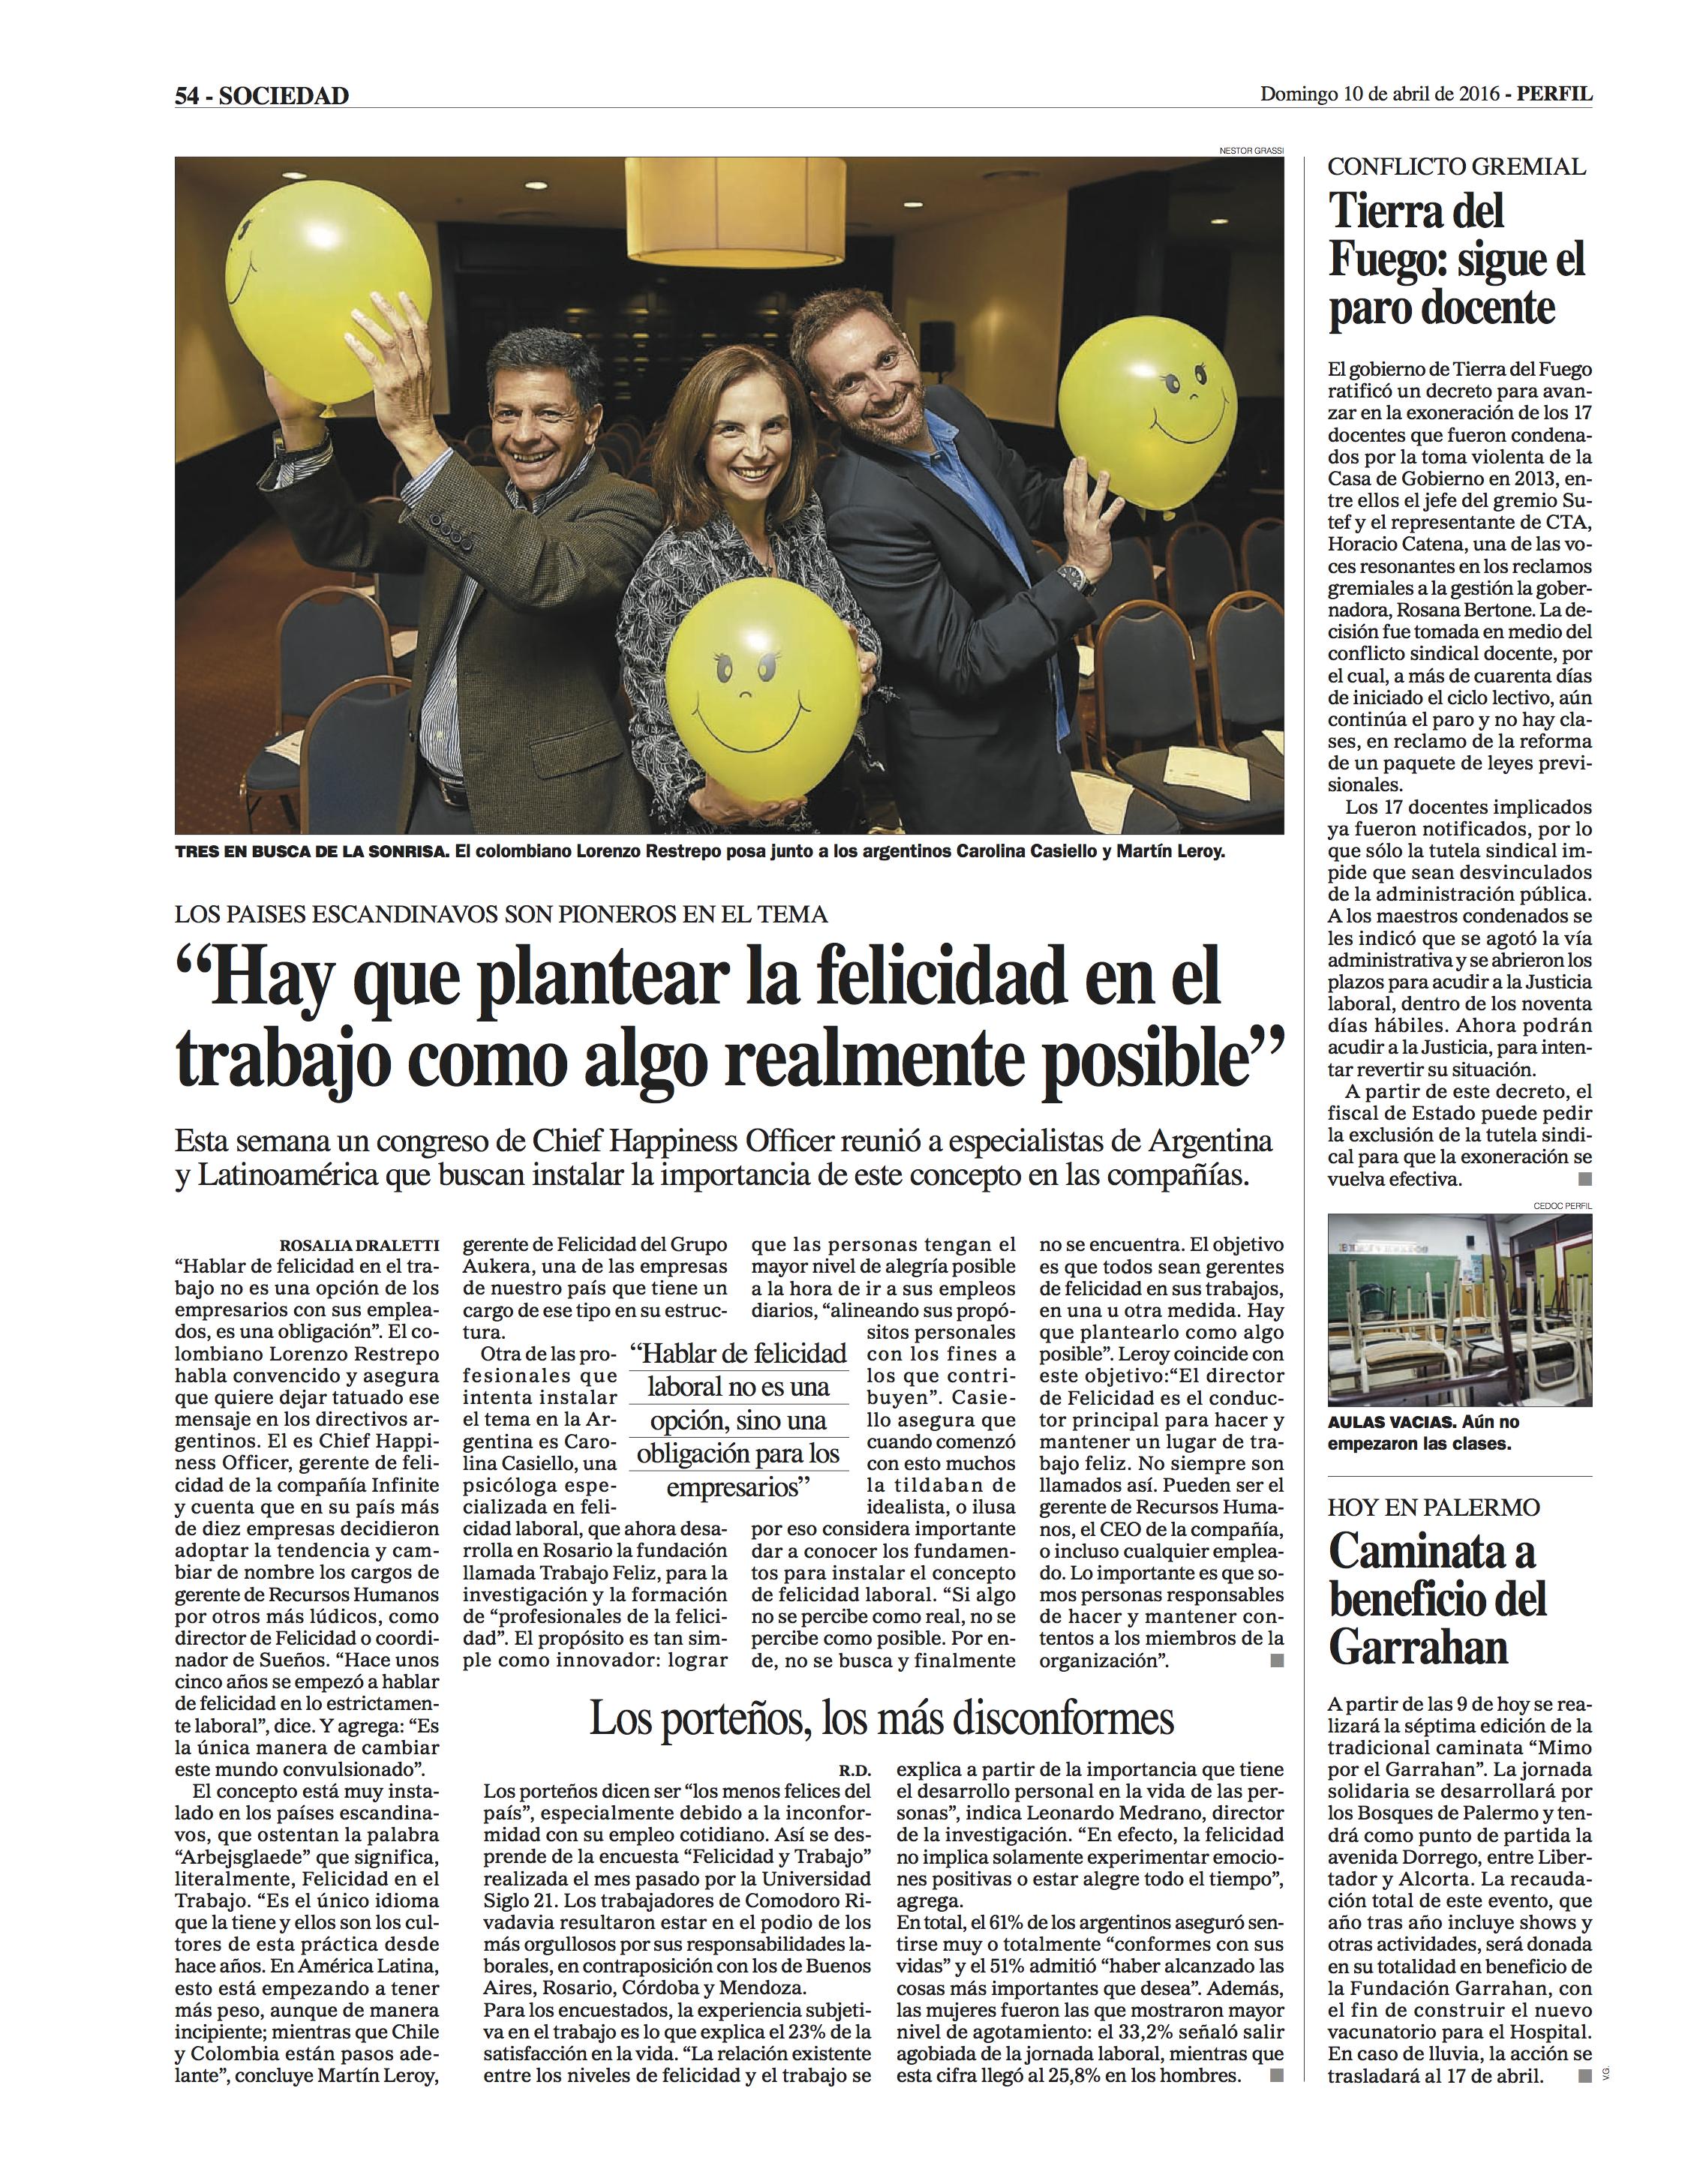 Nota Diario Perfil - Abril 2016